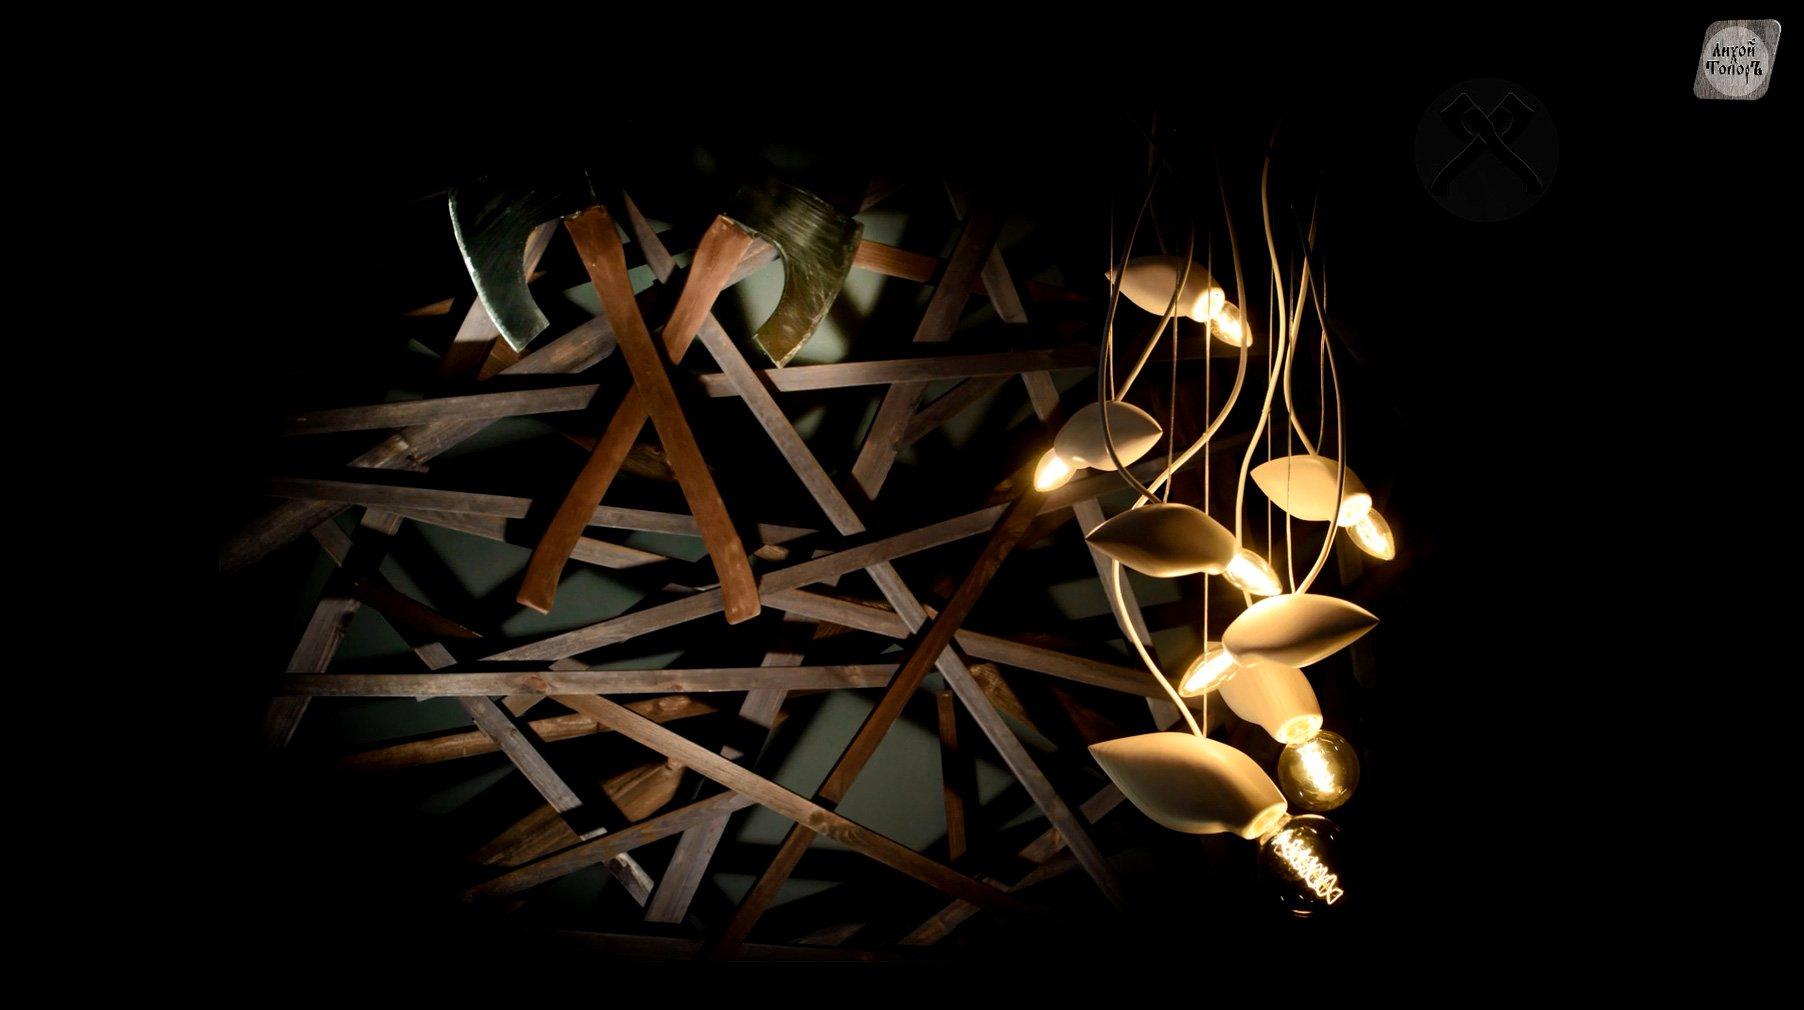 Стоит ли переплачивать за дизайнерский светильник